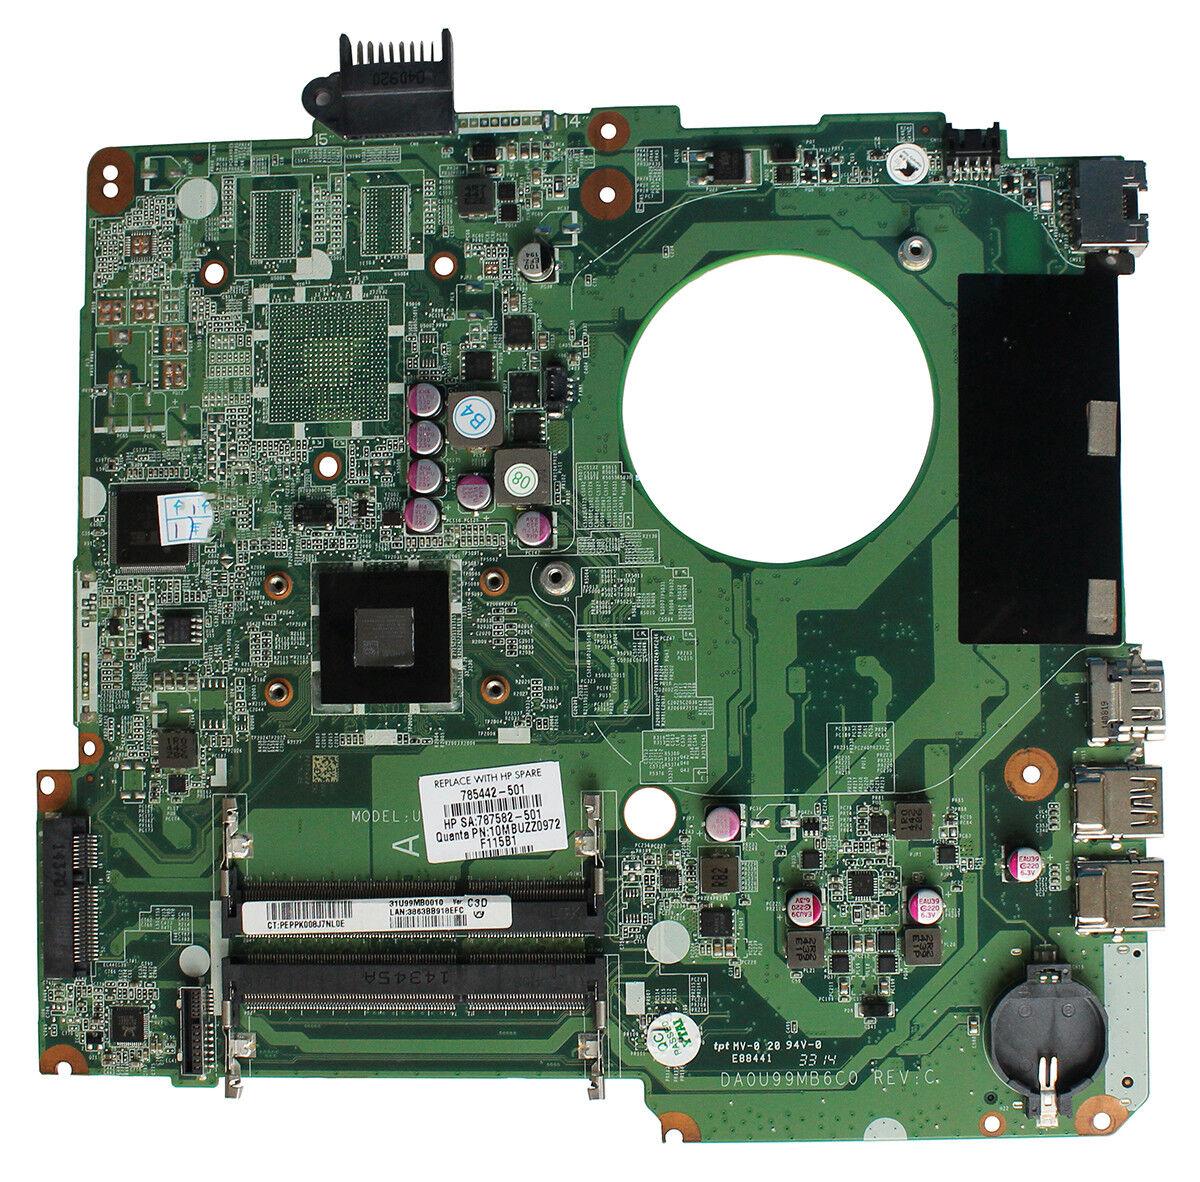 Lenovo AIO C40-05 motherboard CPU A6-7310DDR3 5B20H41658 CFTB3S1 6050A2665601